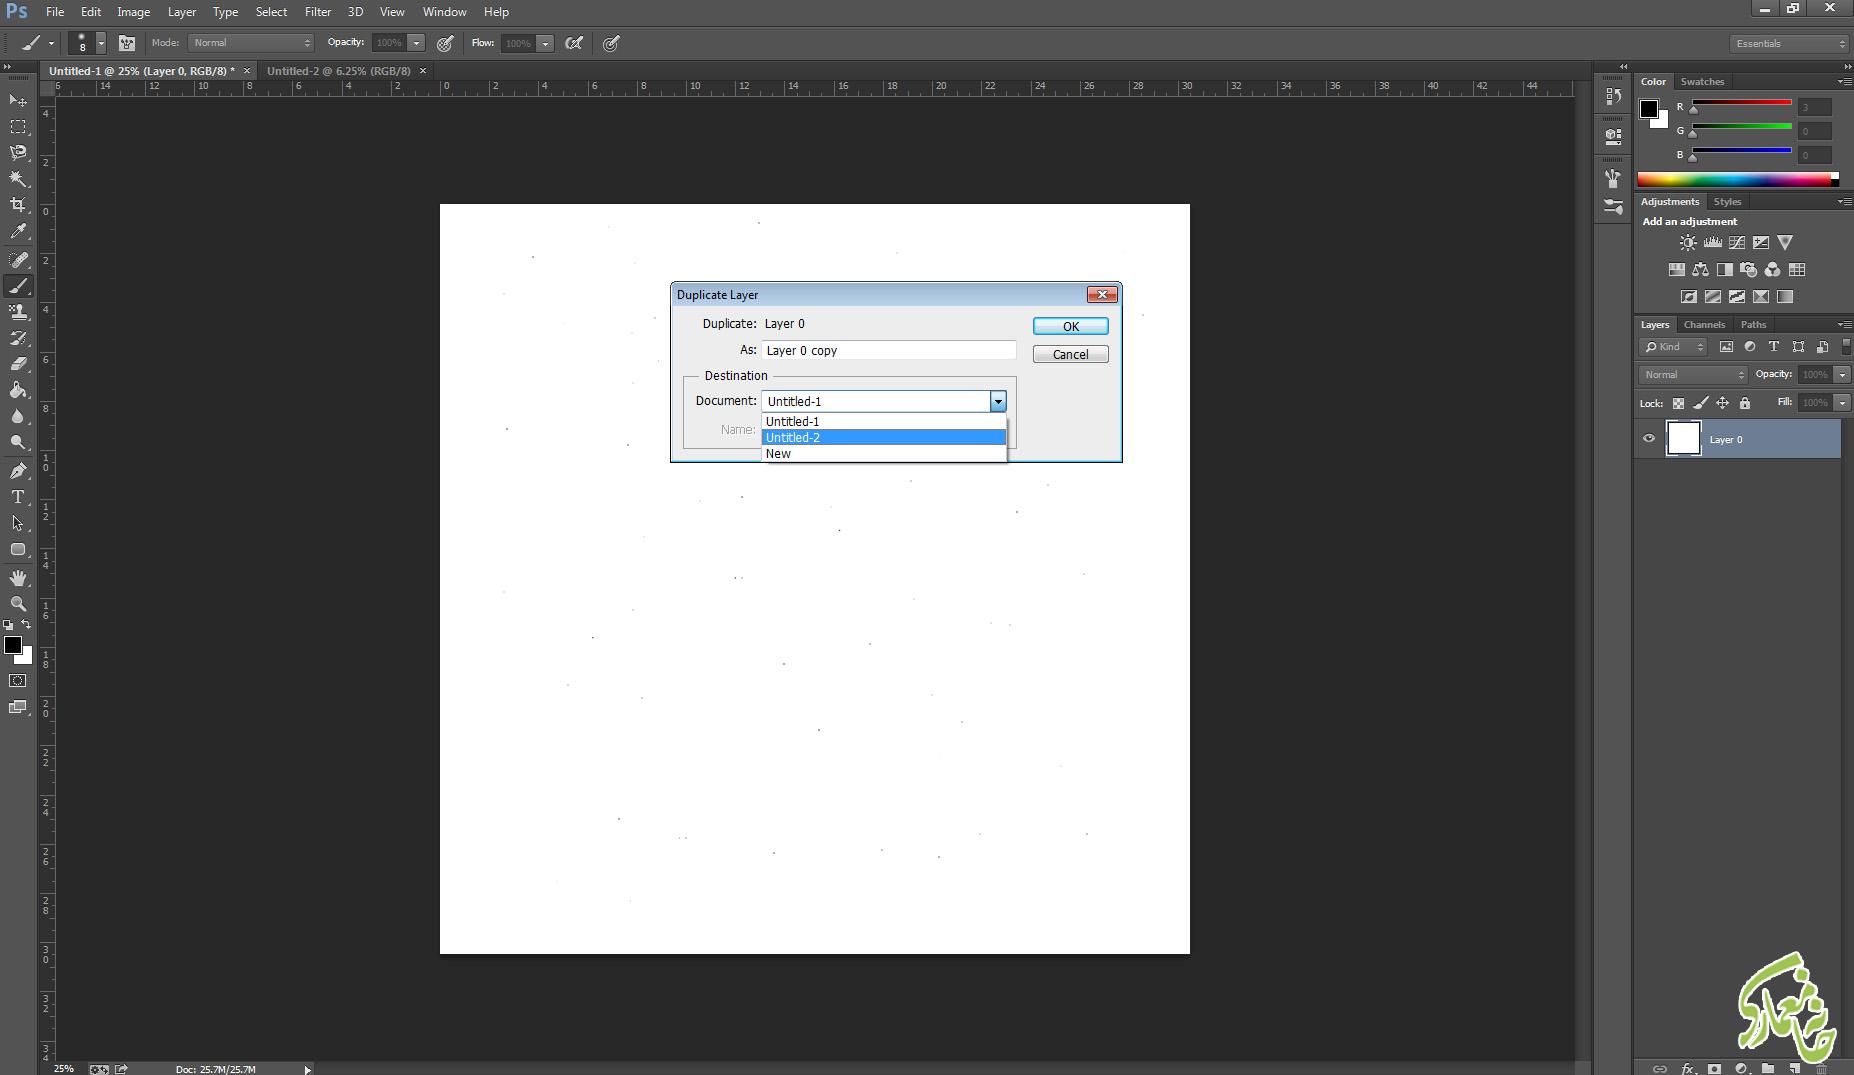 کپی کردن لایه به سند جدید در photoshop